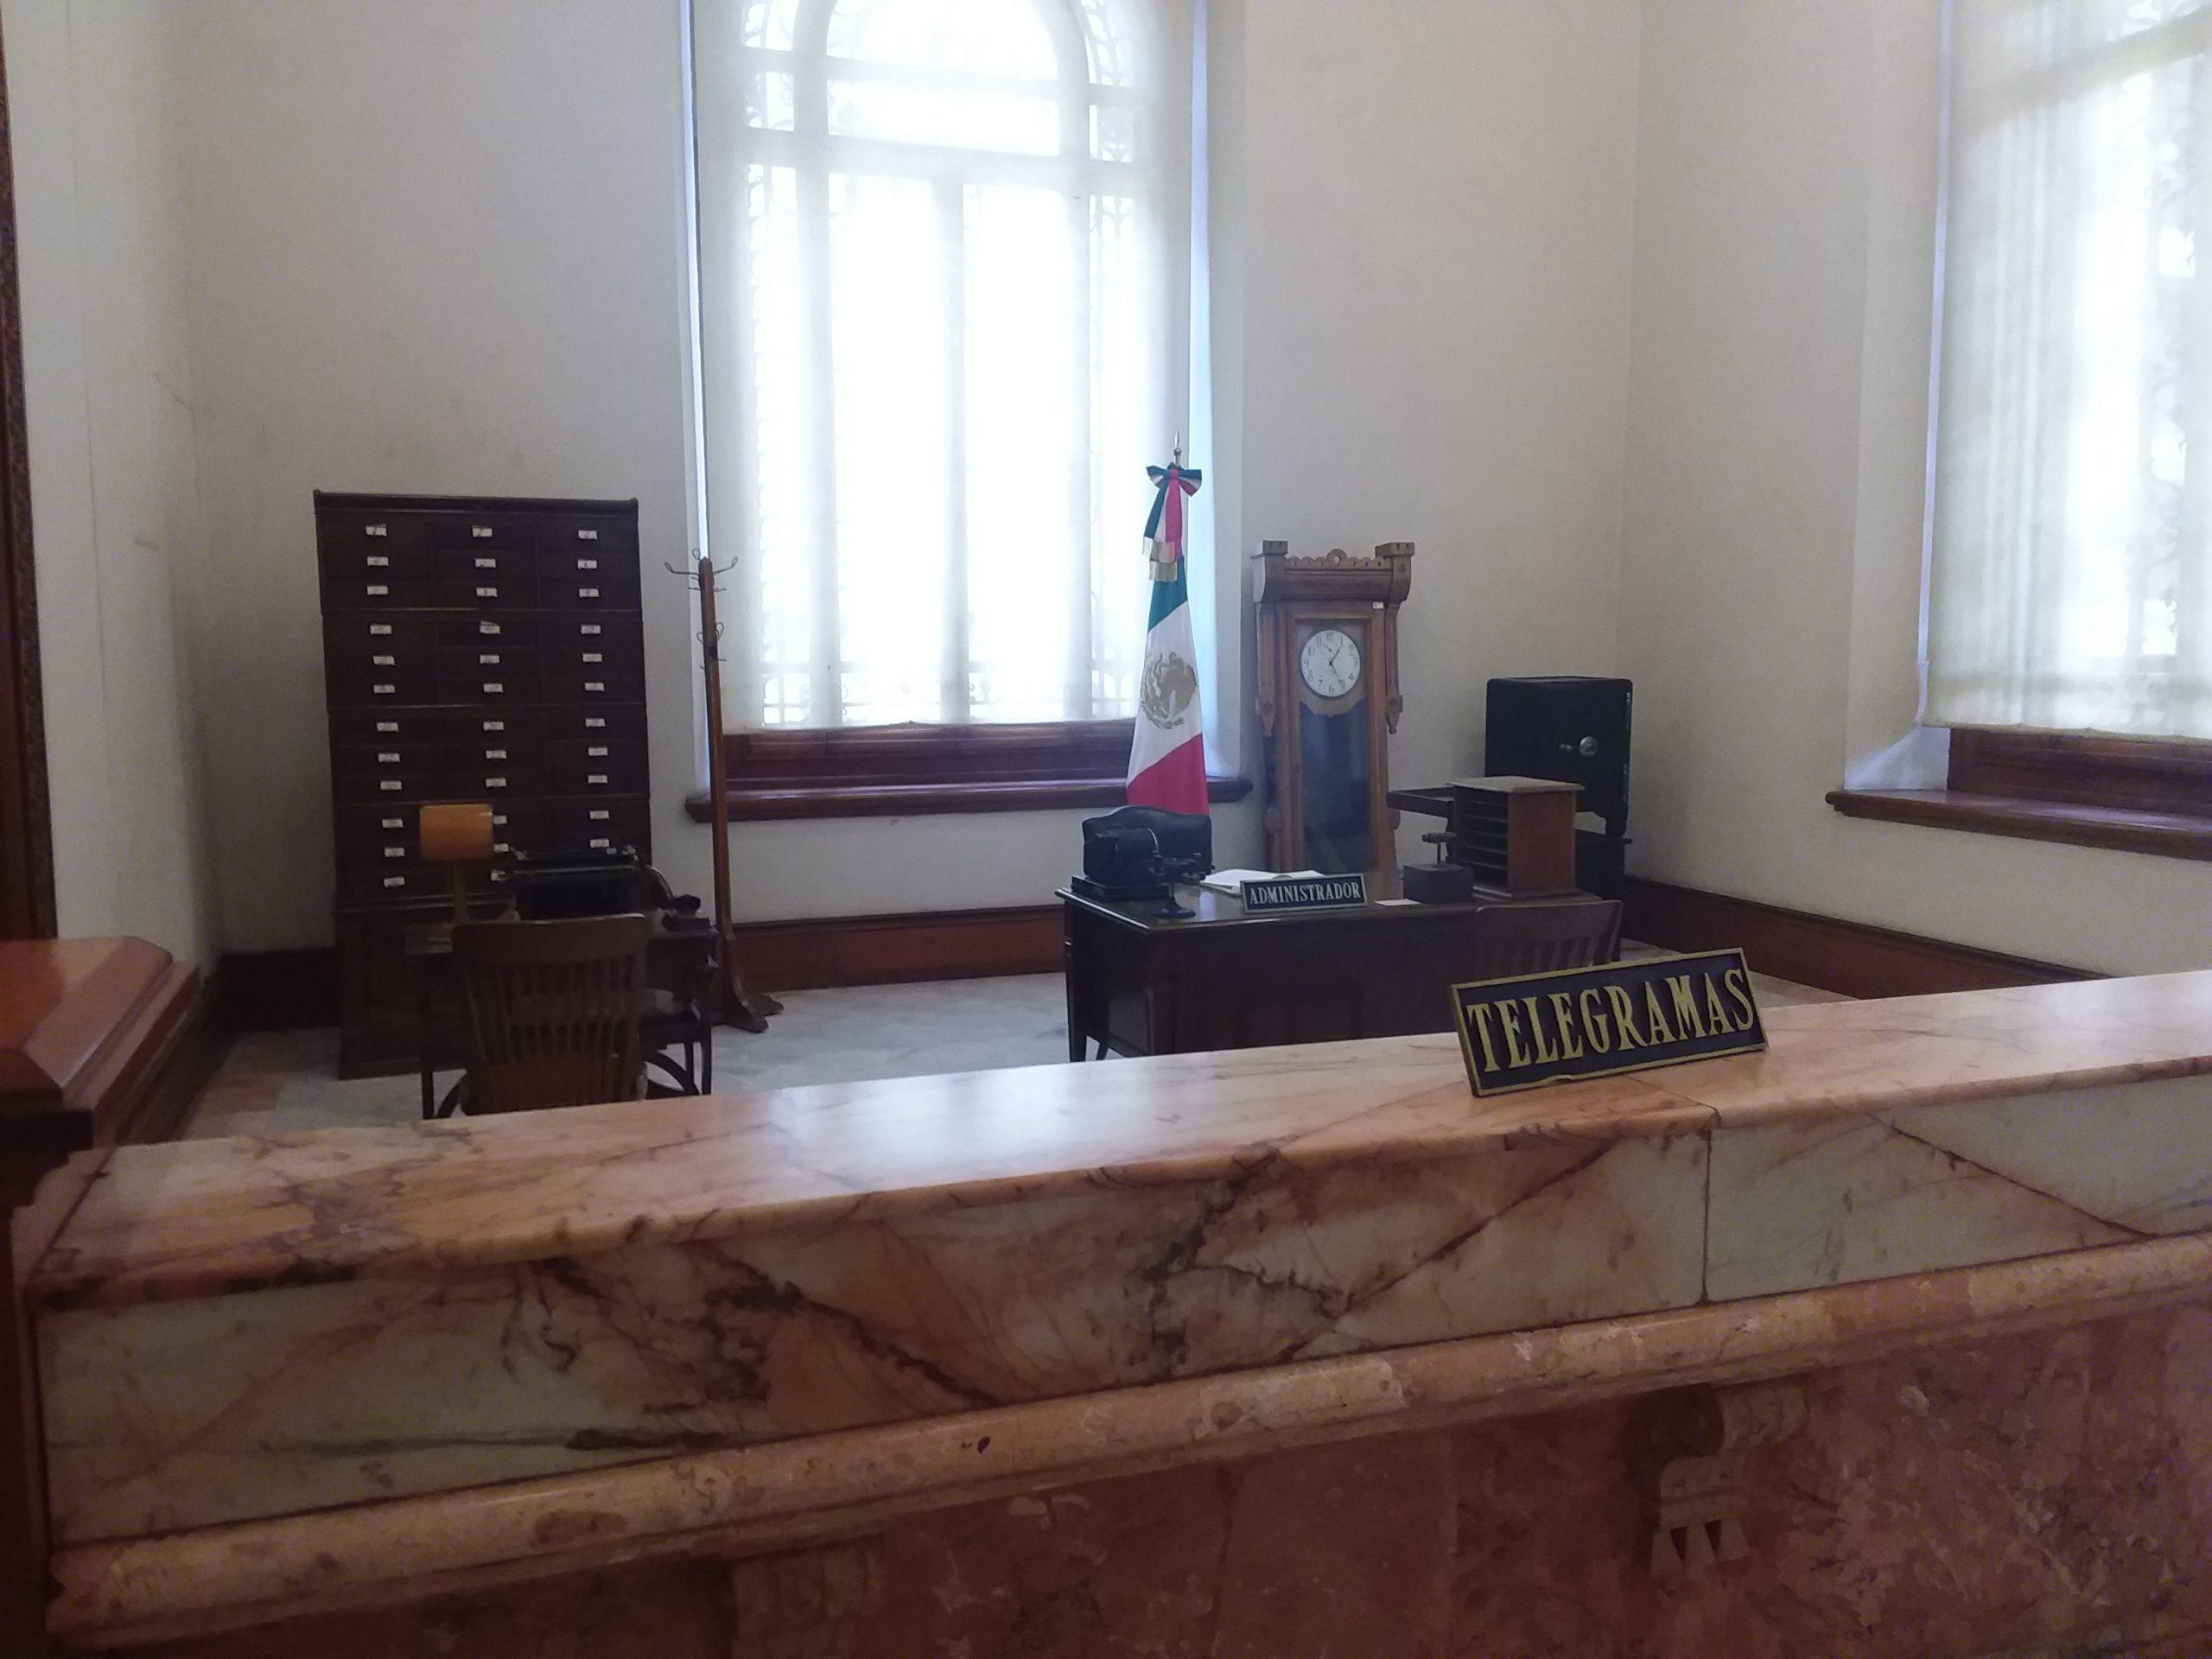 Musée du télégraphe mexico city